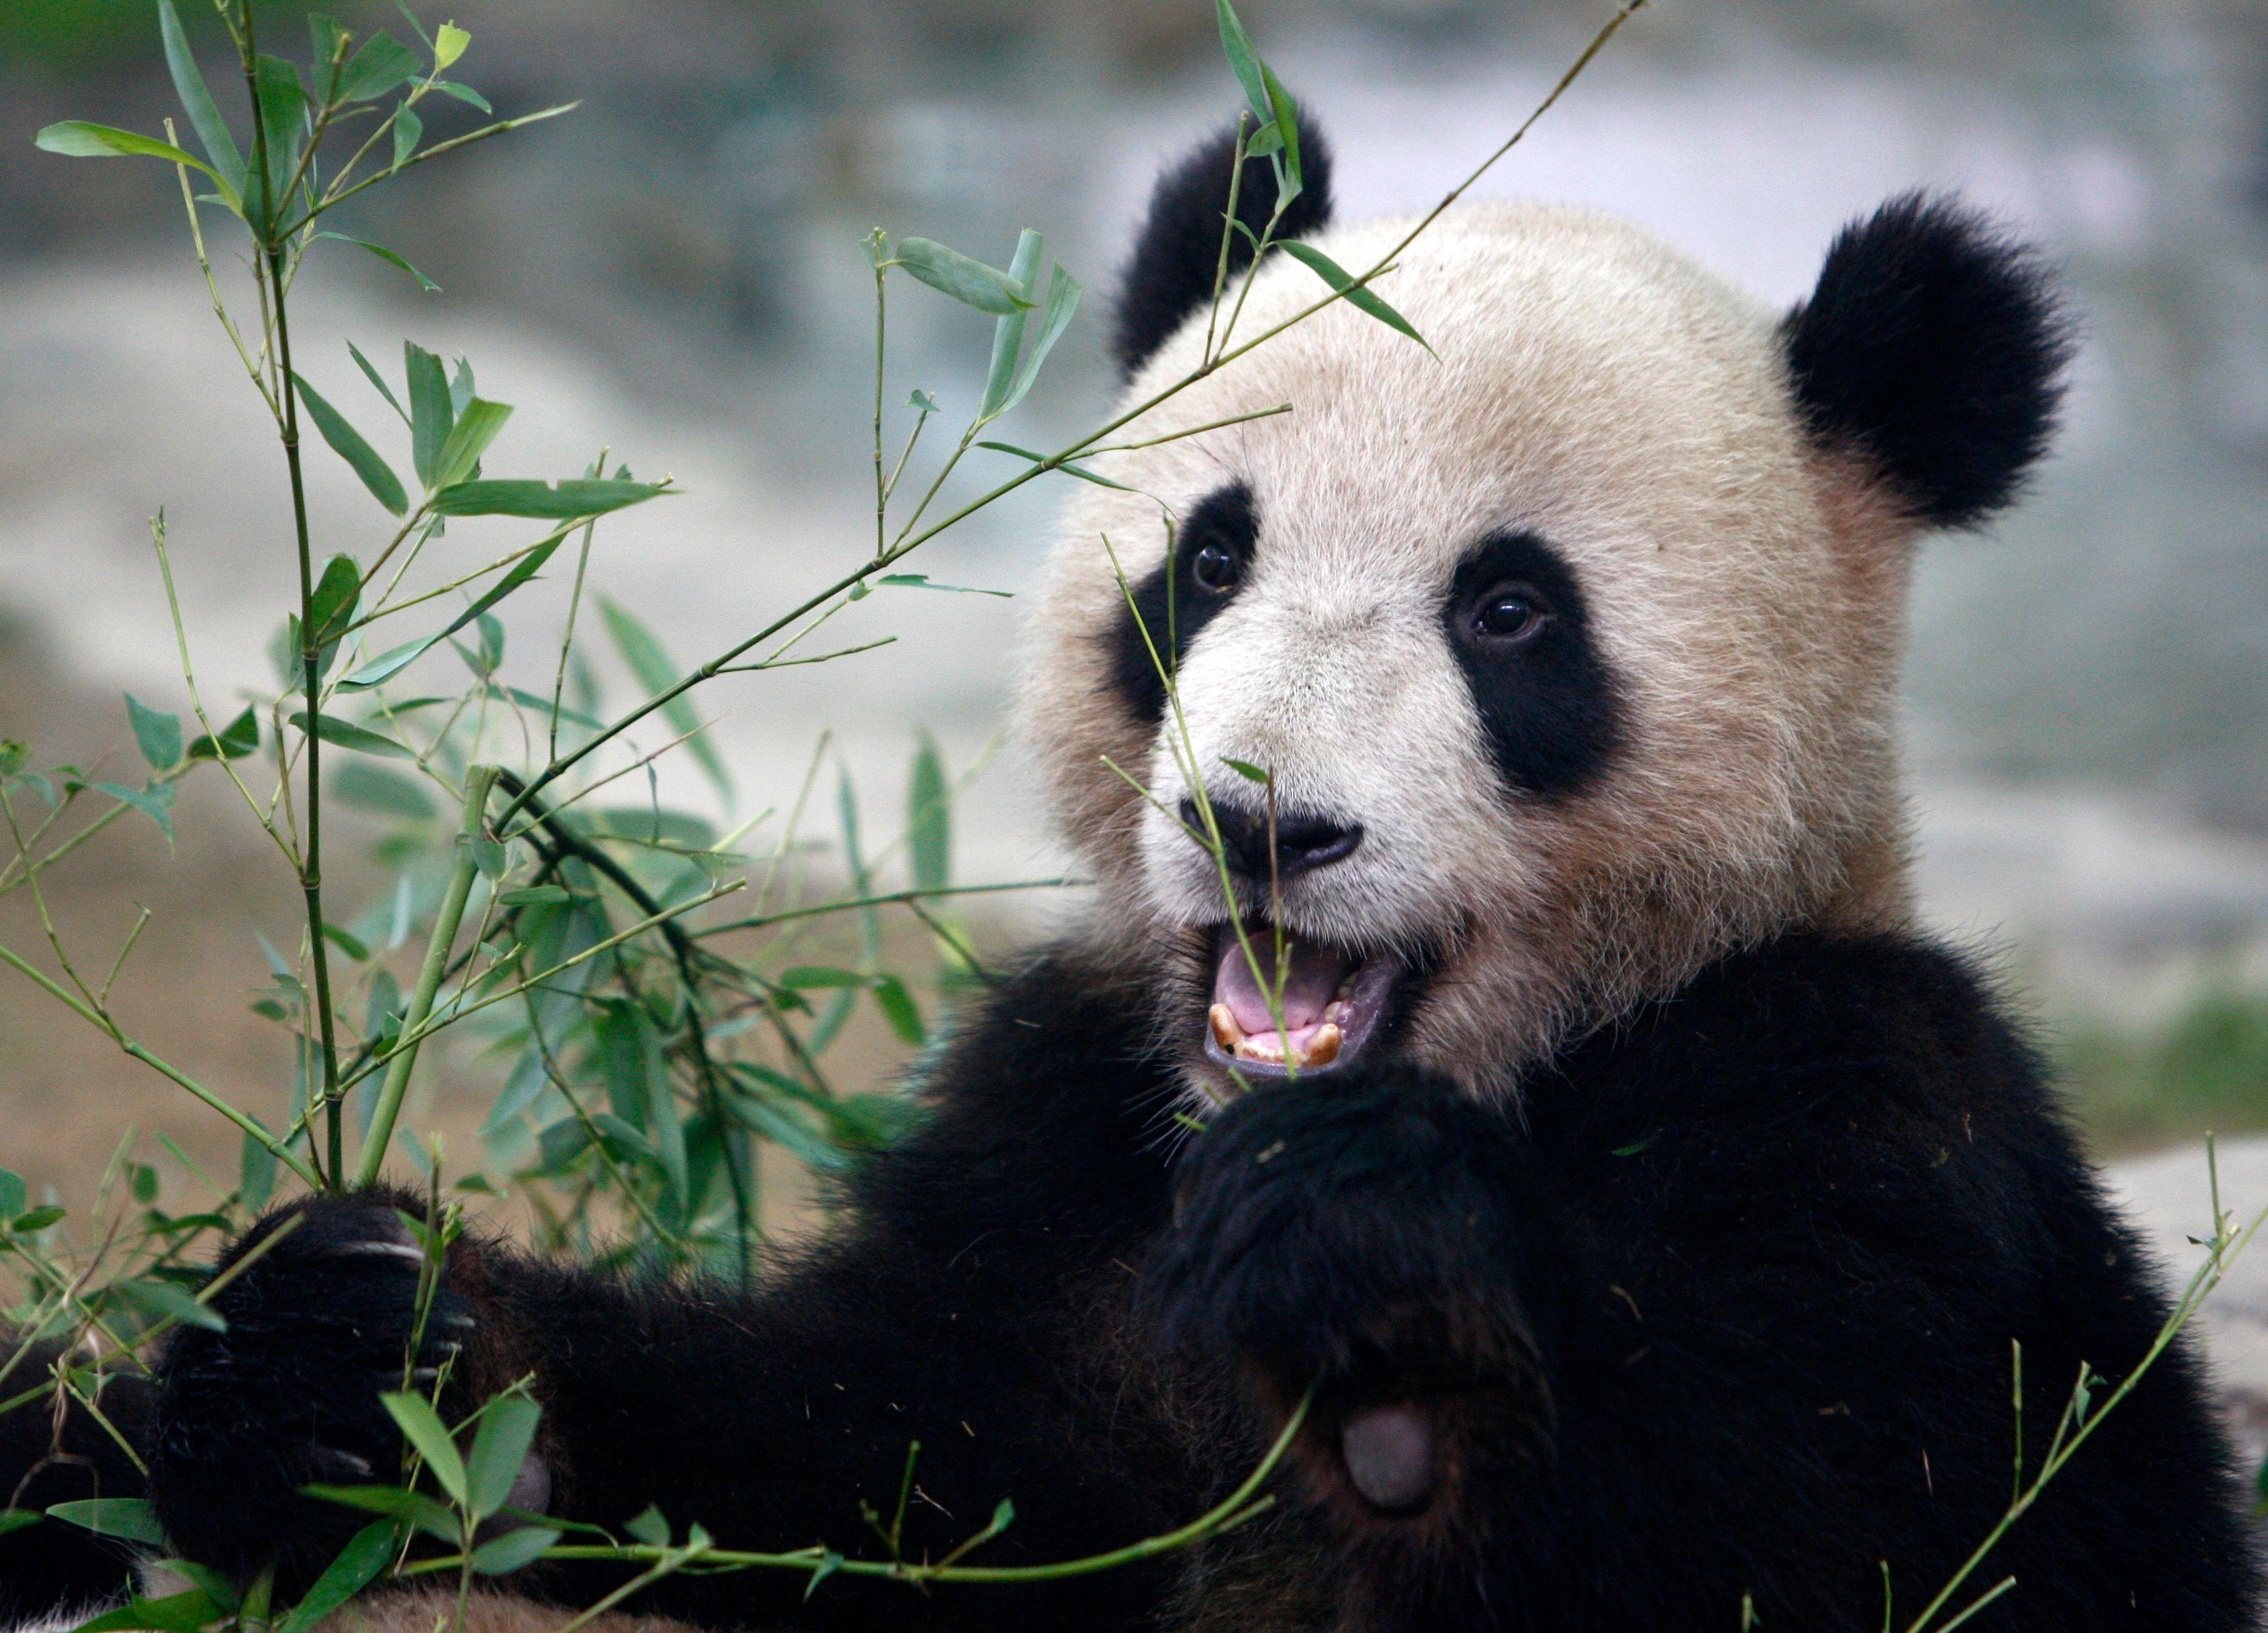 Le zoo de Beauval en deuil : un bébé panda est mort